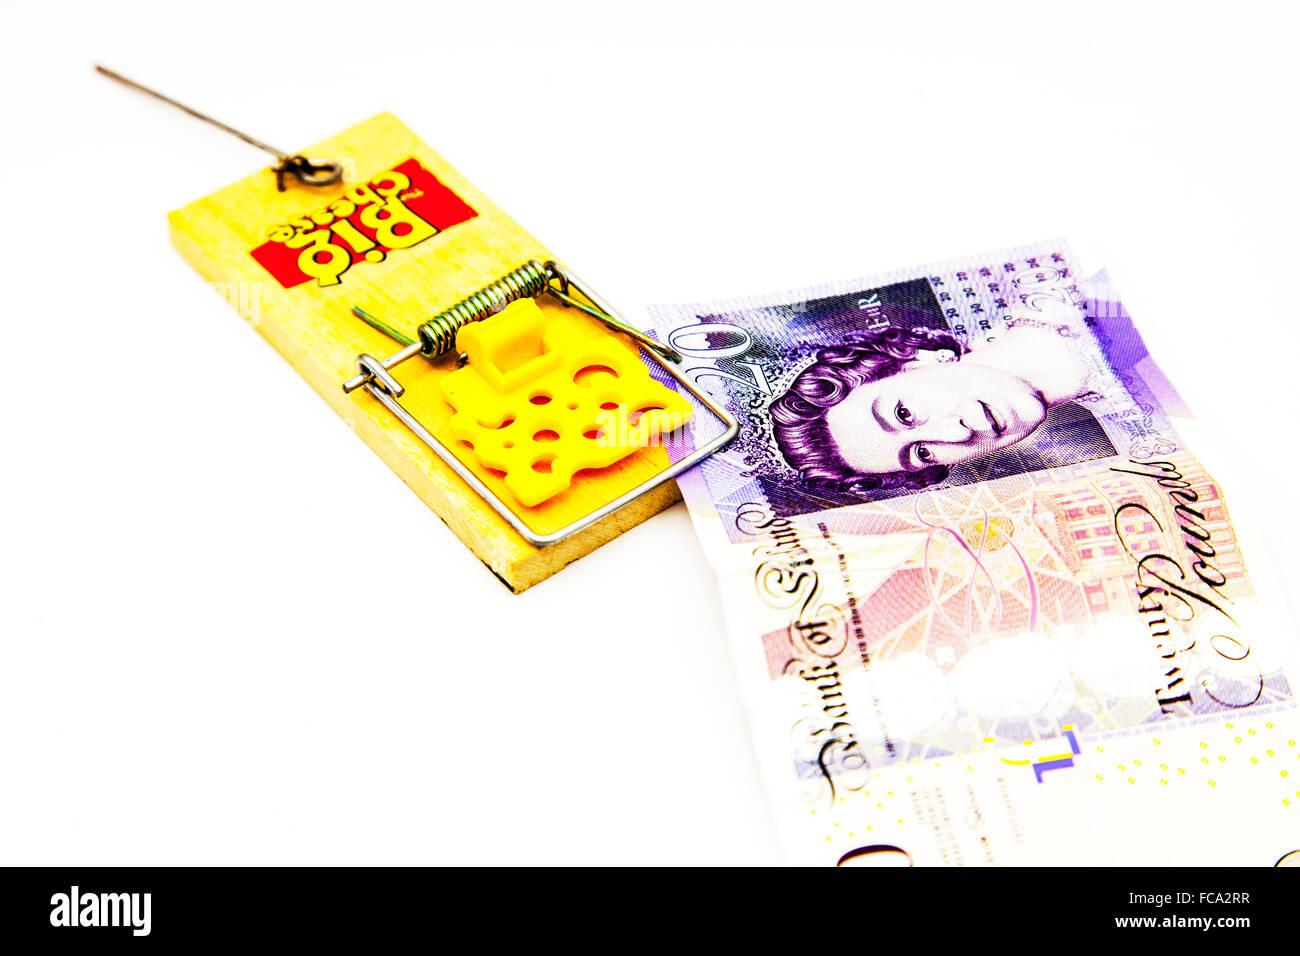 Dinero en la trampa de ratón de viaje prestamista catch deudas deuda problema de flujo de efectivo el recorte Imagen De Stock